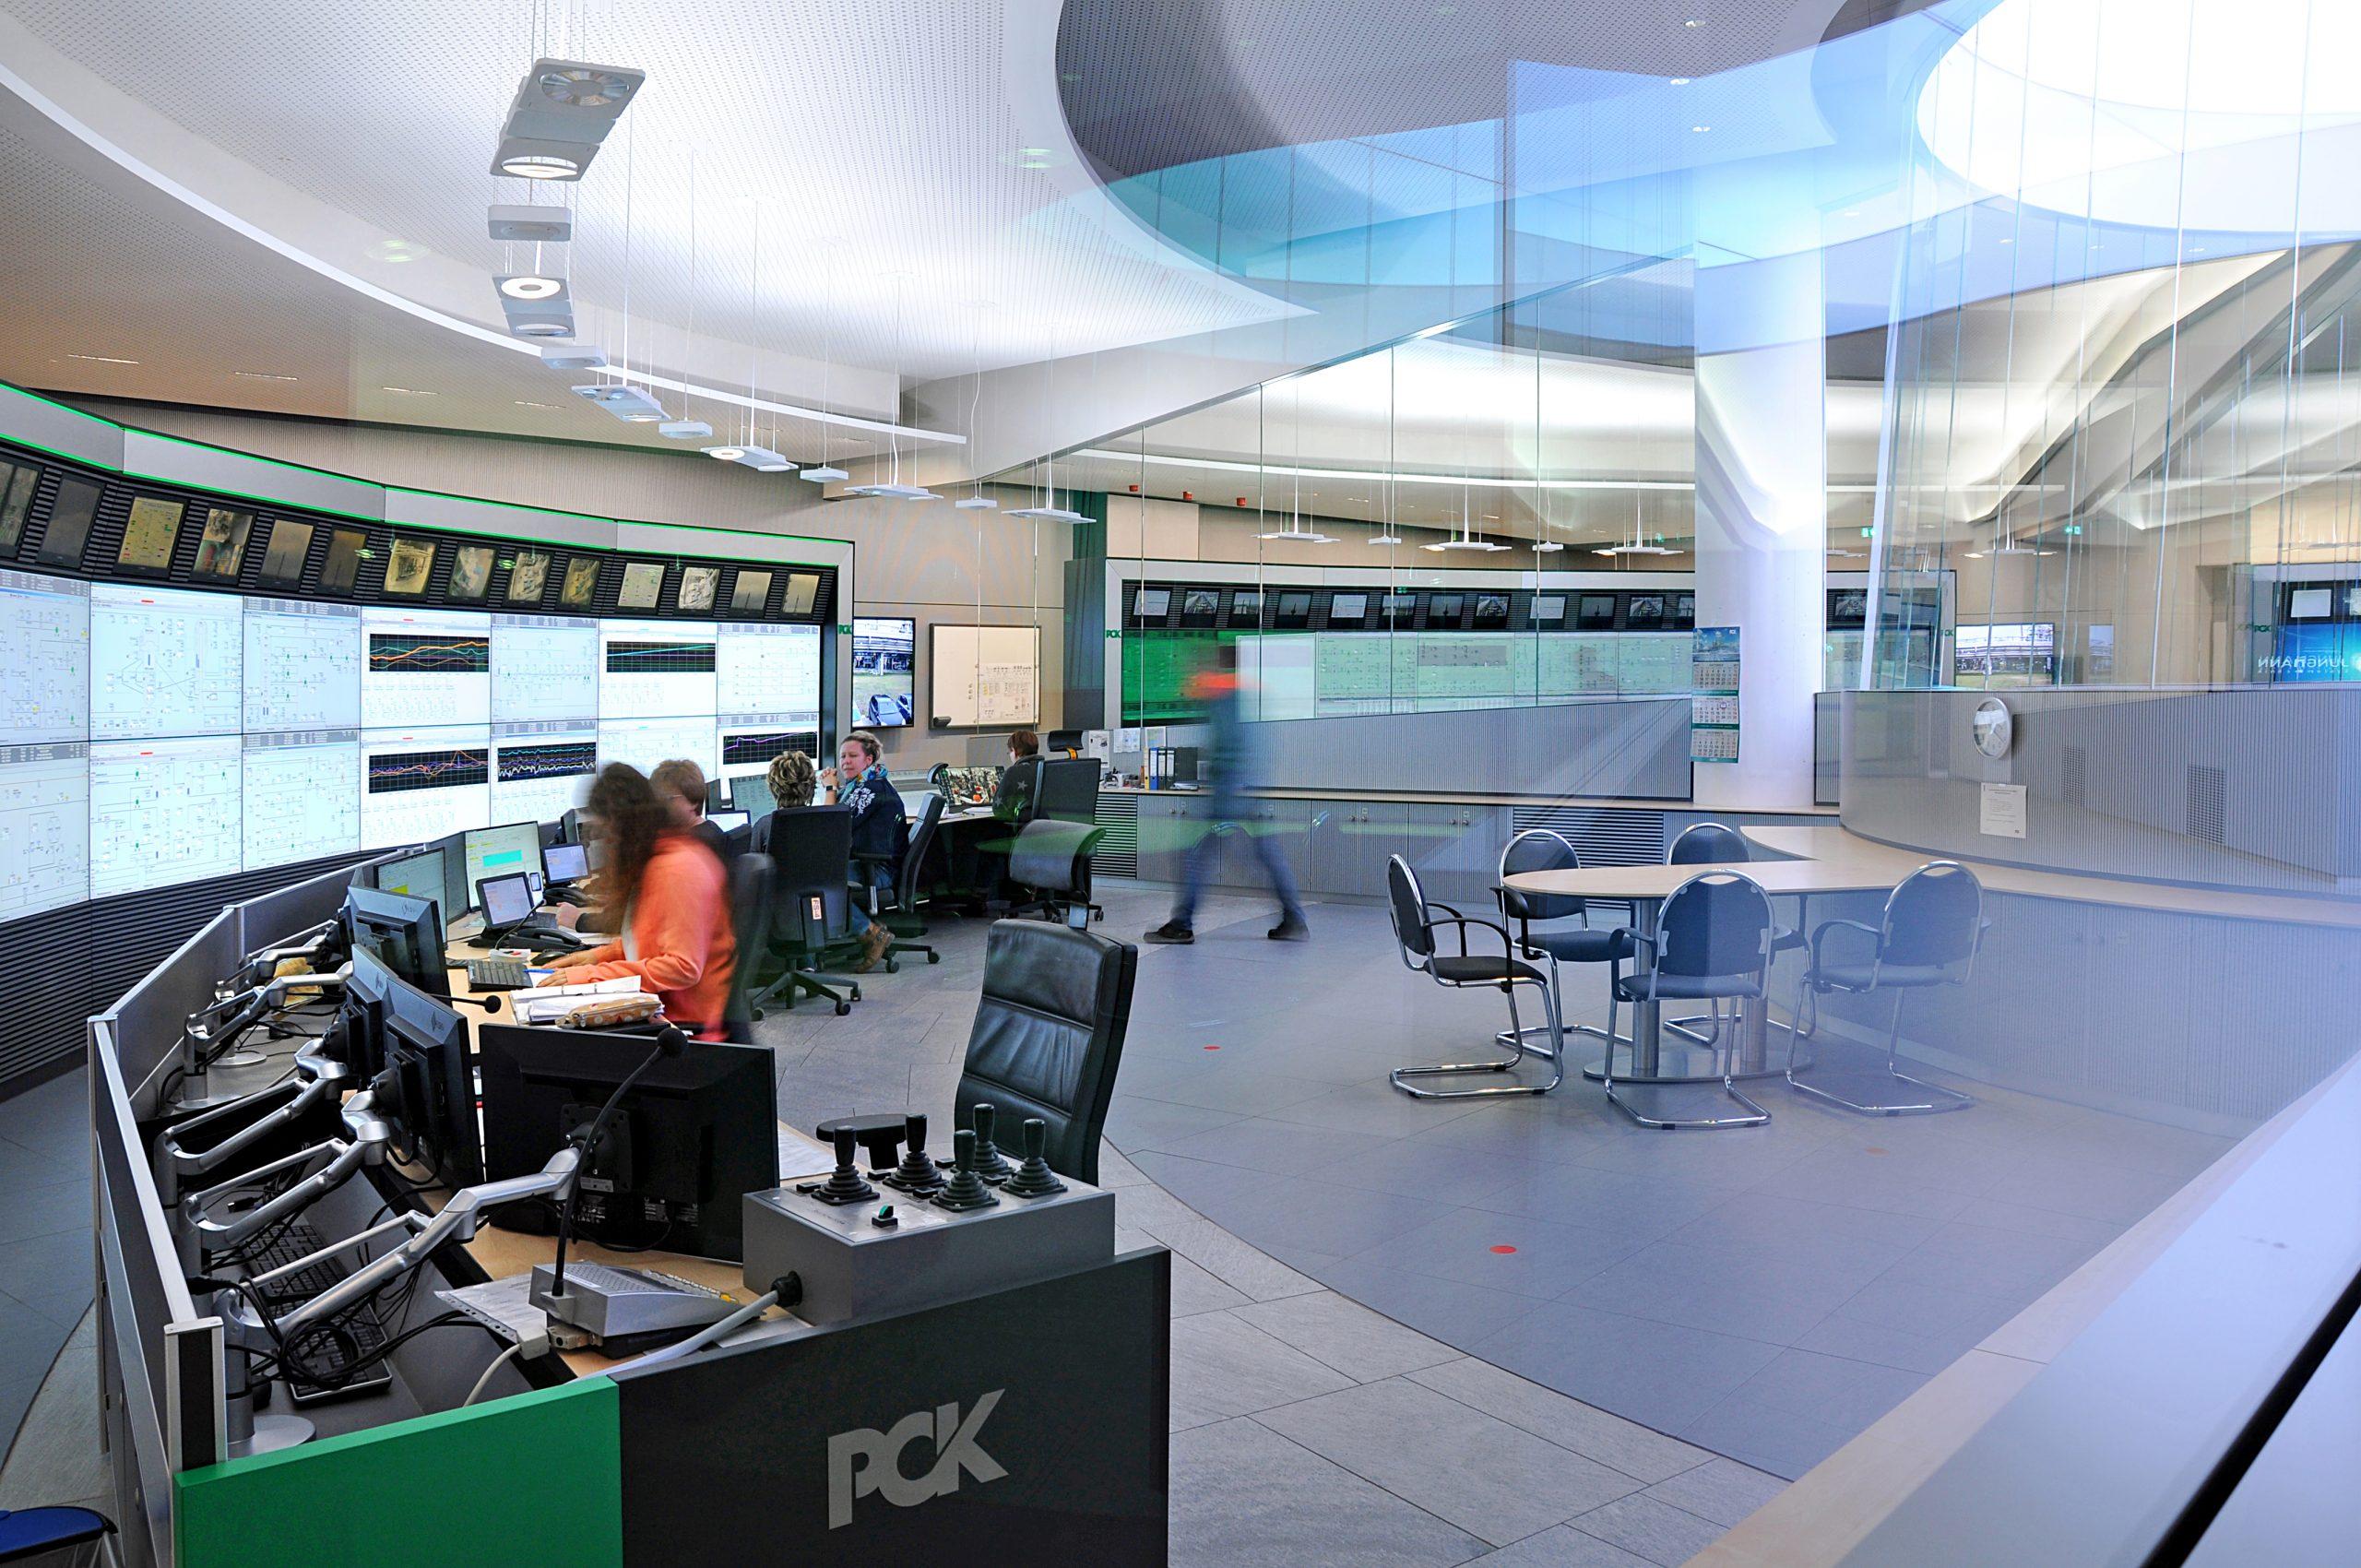 Jungman installierte neben sechs Fahrständen mit insgesamt 25 Bedienplätzen und 78 Monitoren auch Großbildwände mit mehr als 100 Displays, die für die Steuerung der Anlagen eingesetzt werden. (Bild: Jungmann Systemtechnik GmbH & Co. KG)